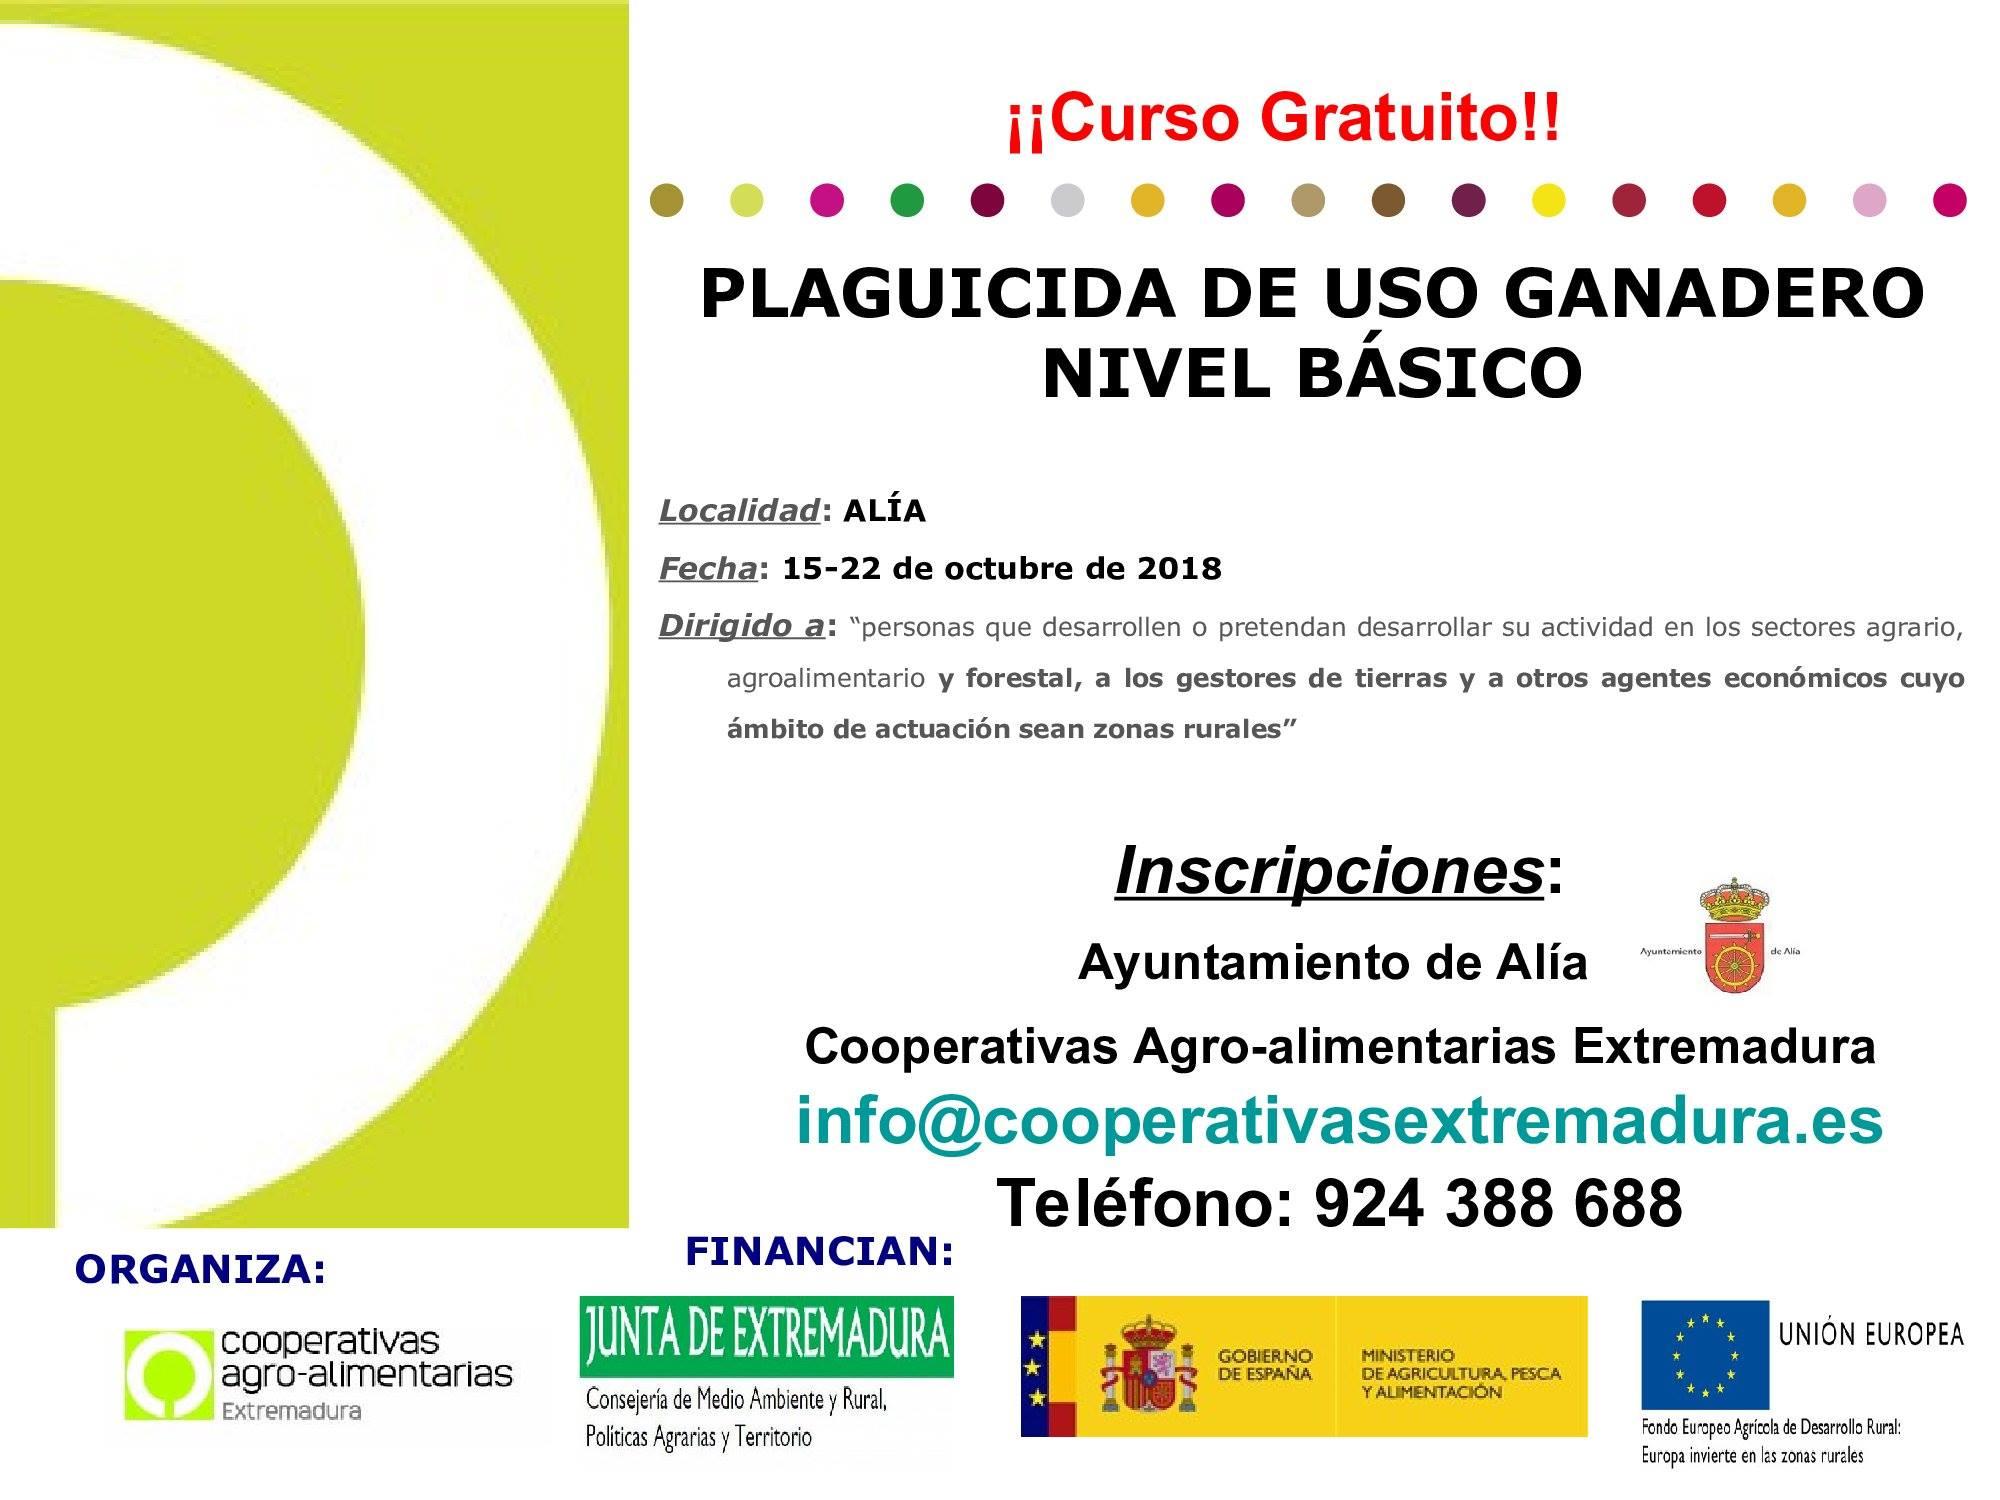 Curso de plaguicida de uso ganadero 2018 - Alía (Cáceres) 1